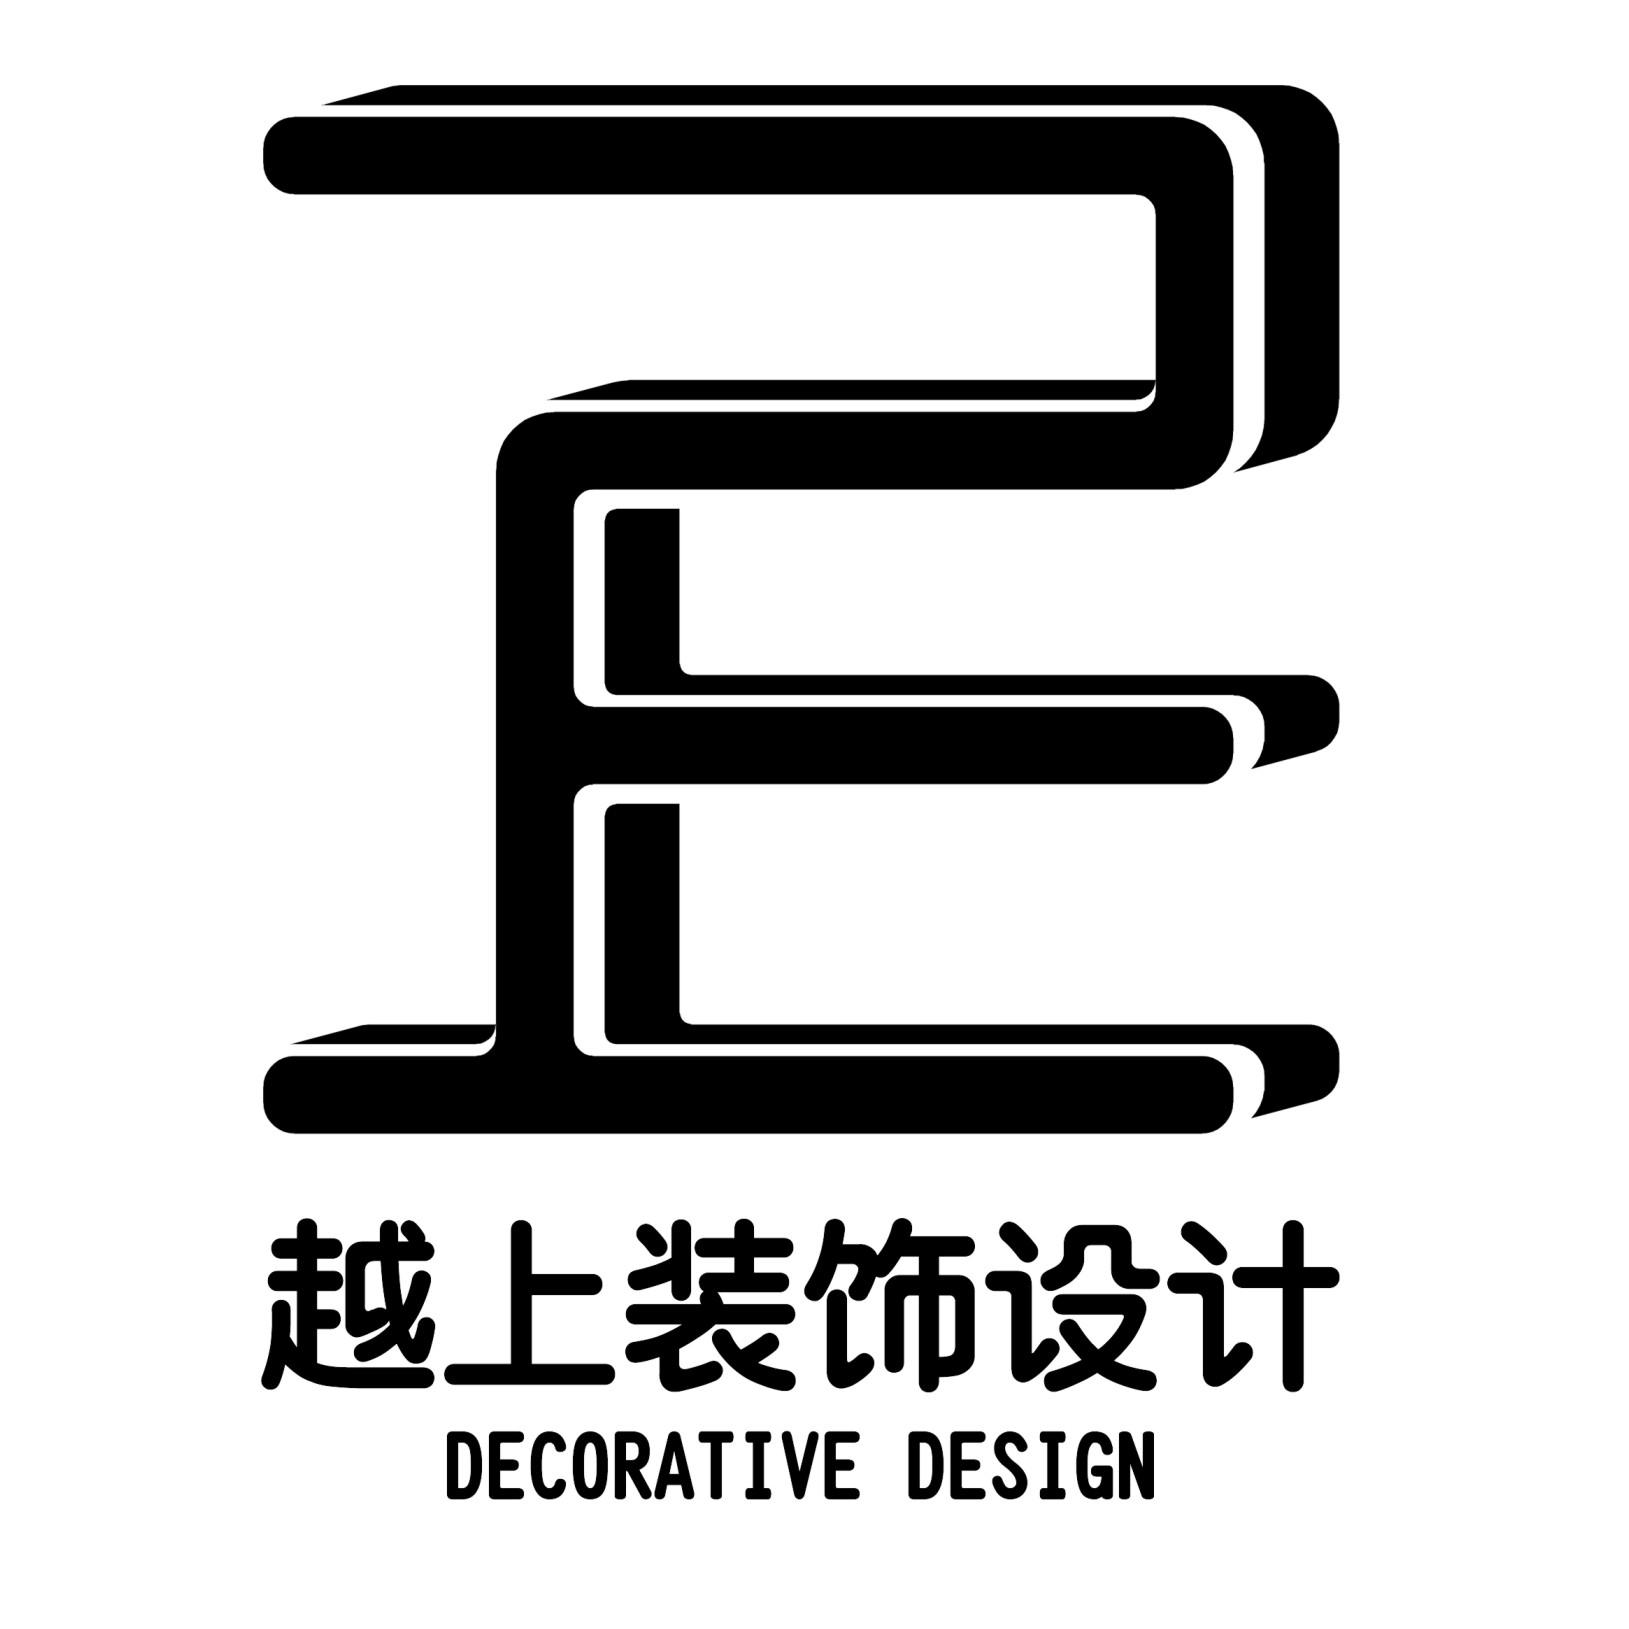 绍兴市越上装饰工程有限公司